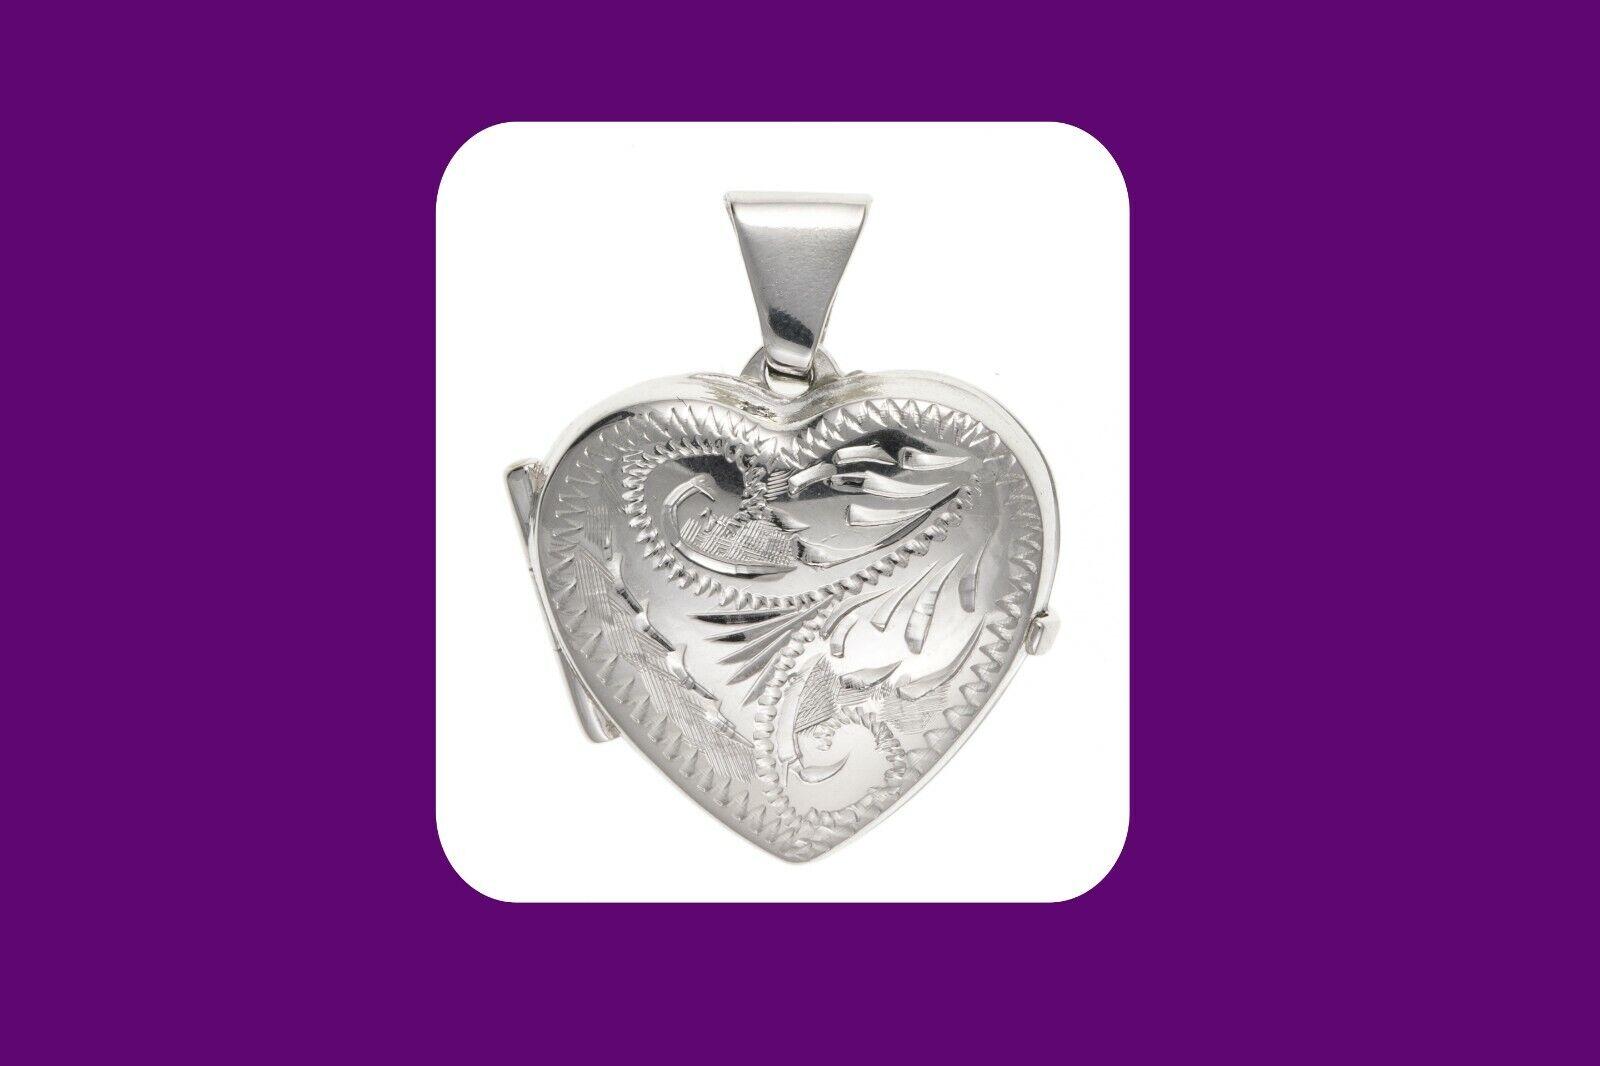 argentoo Sterling Cuore Medaglione 15mm inciso design design design 925 Hallmark tutte le lunghezze 2cf7ad